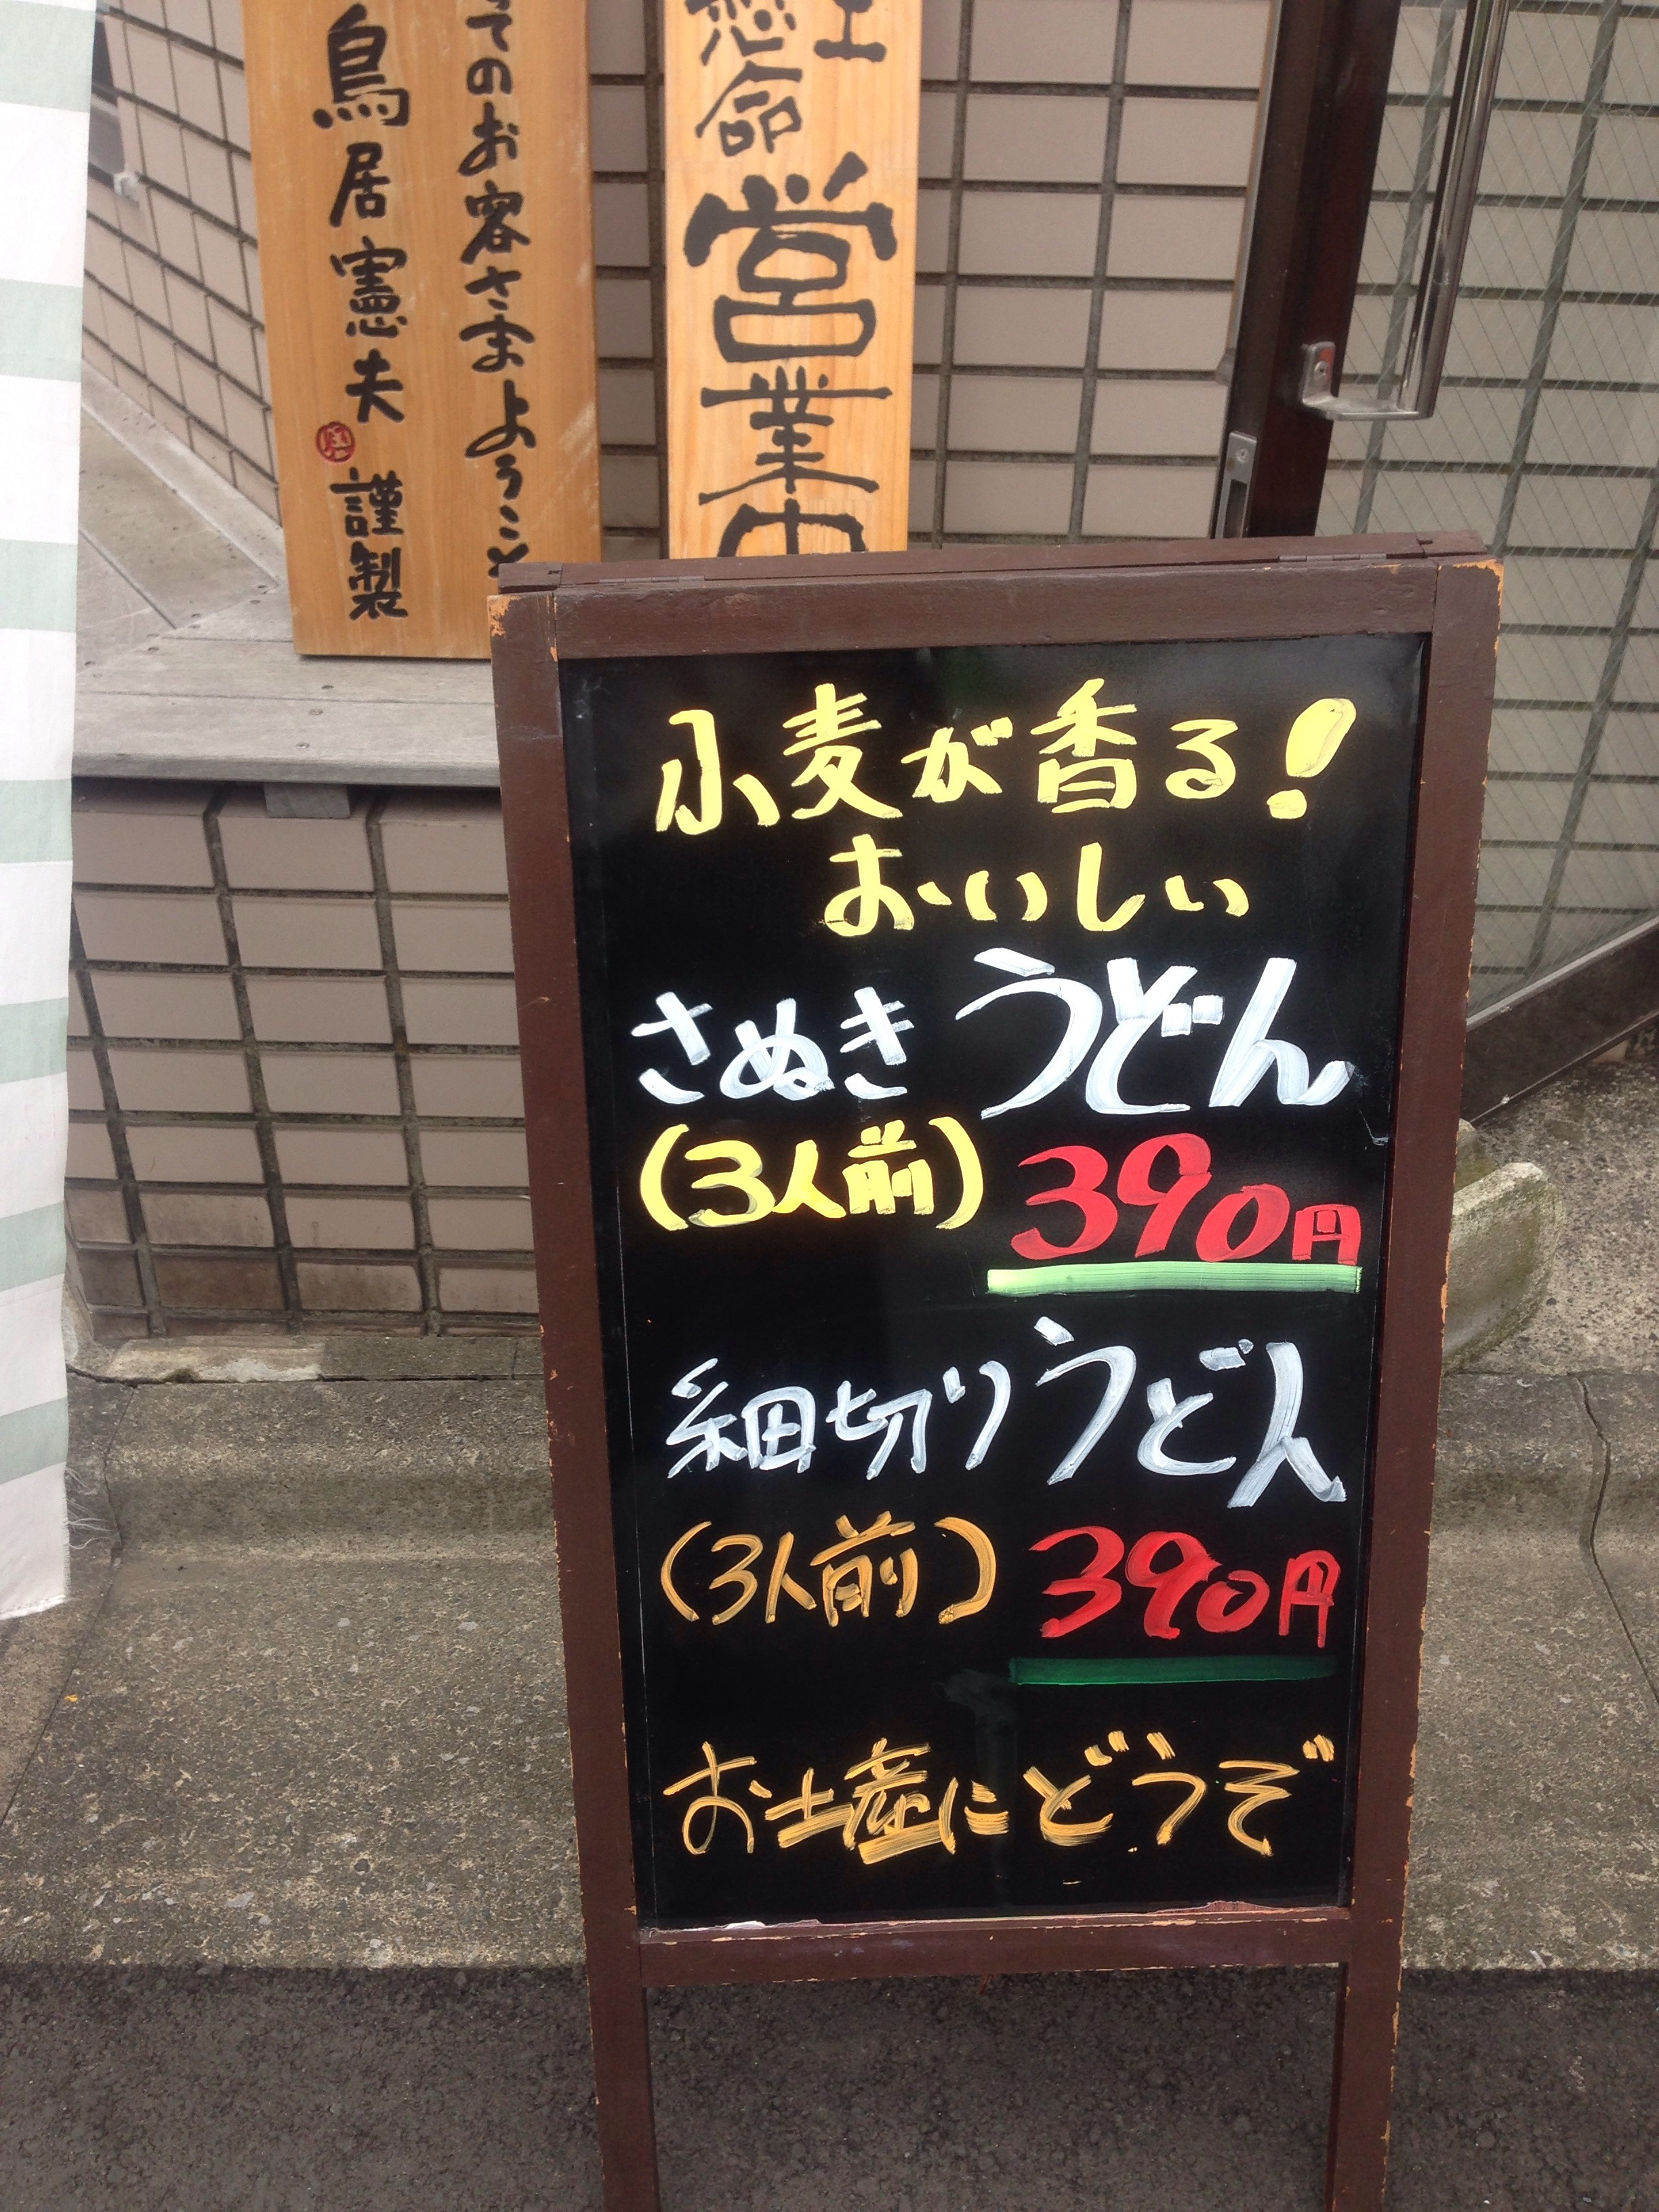 中野名物打ちたて生うどん直売会@麺の停車場楽麦舎 東京都中野区新井3-6-7